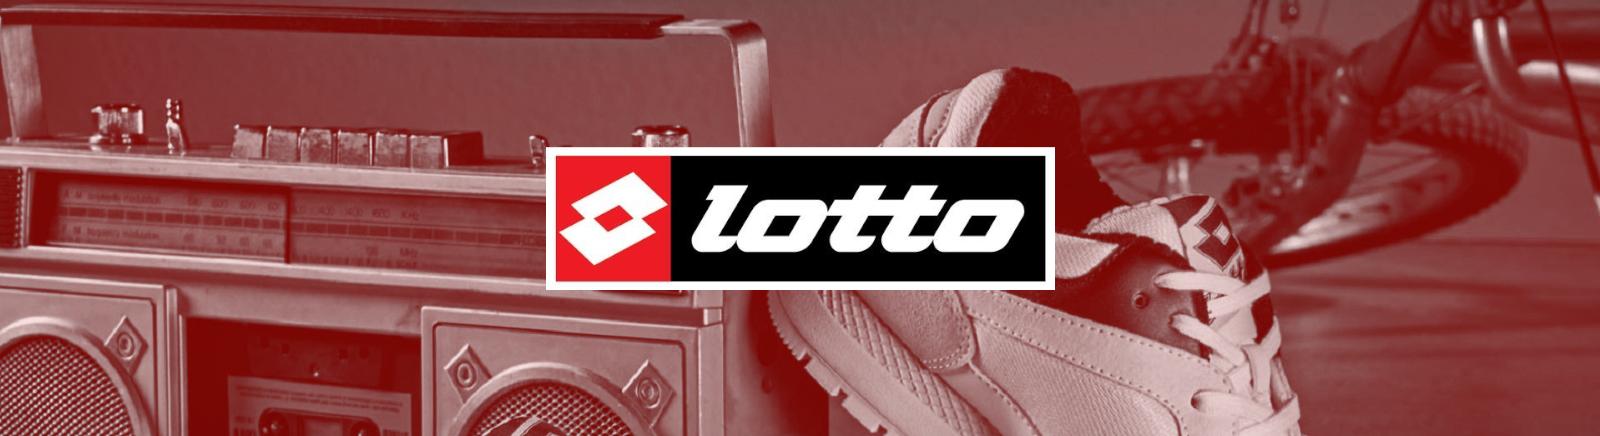 Gisy: Lotto Herrenschuhe online shoppen